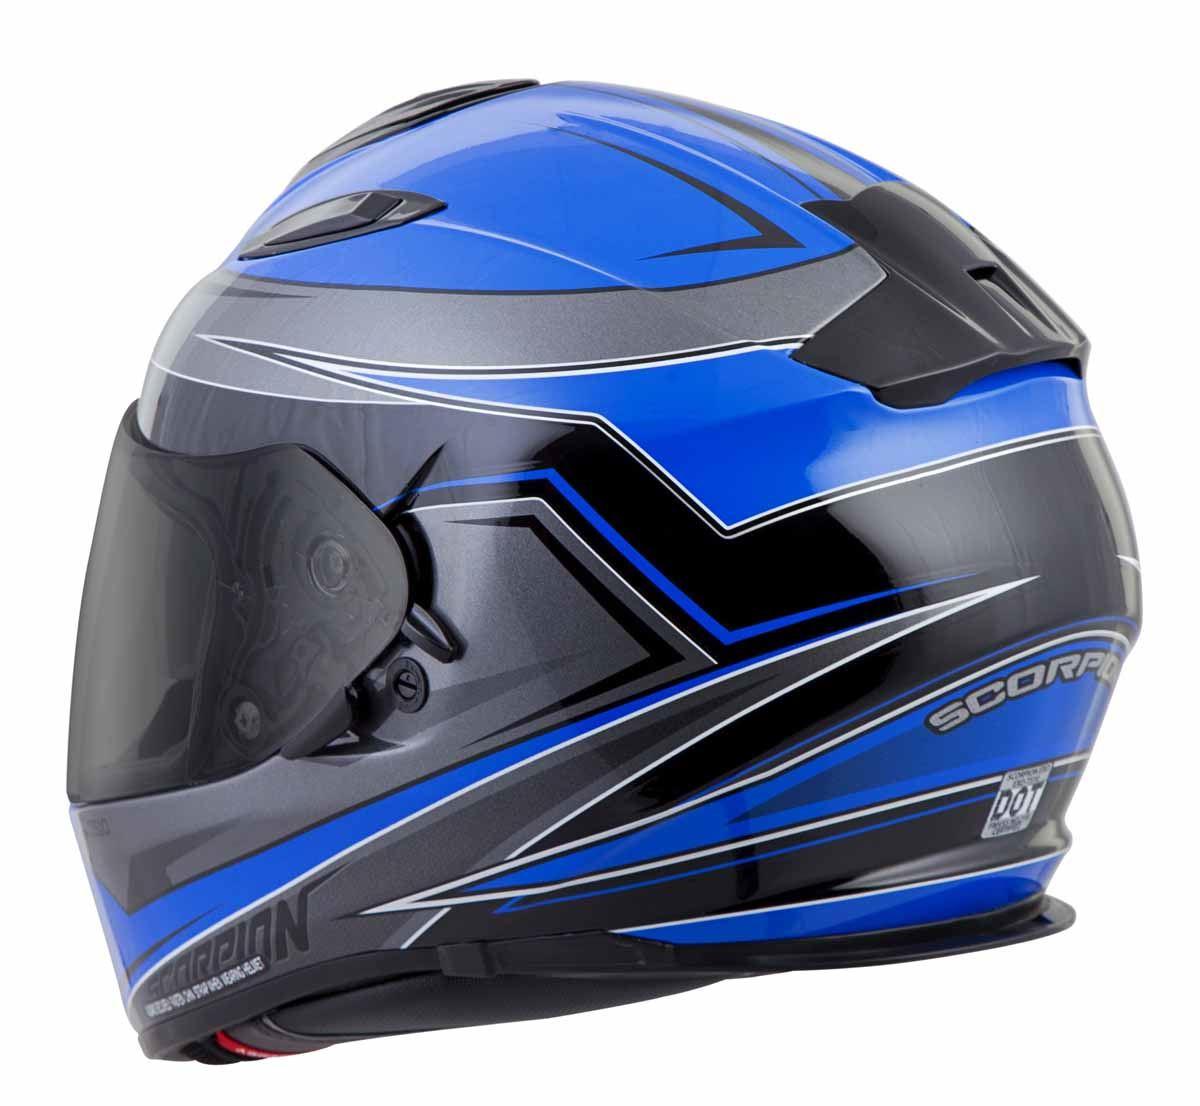 Scorpion-EXO-T510-Helmet-Full-Face-DOT-Approved-Inner-Sun-Shield miniature 28